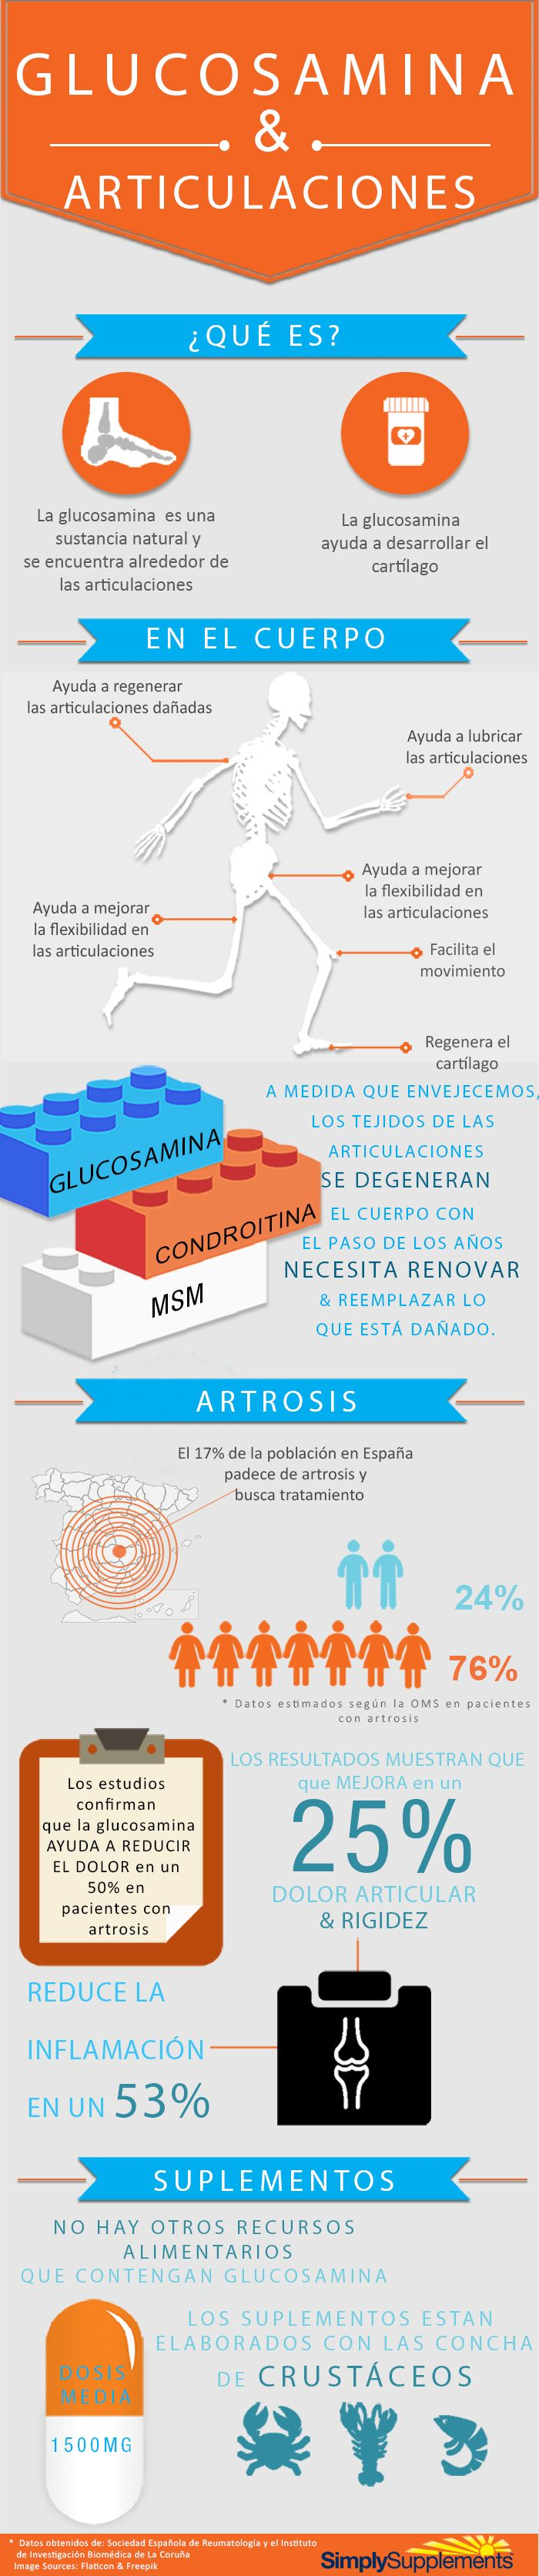 Glucosamina para el buen mantenimiento de huesos y articulaciones